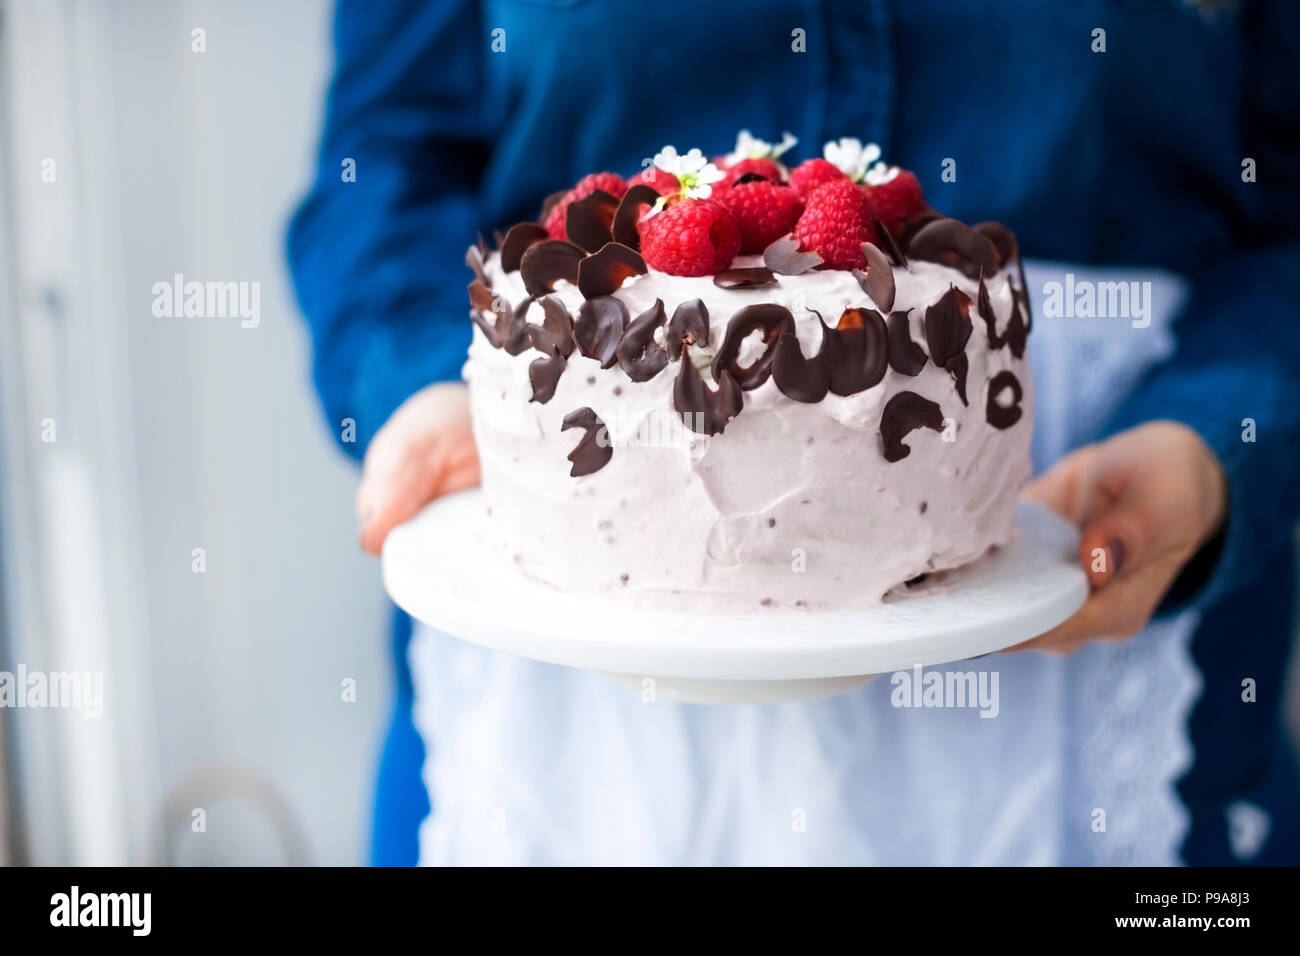 Eine Frau Halt Einen Schonen Kuchen Mit Pink Cream Und Frische